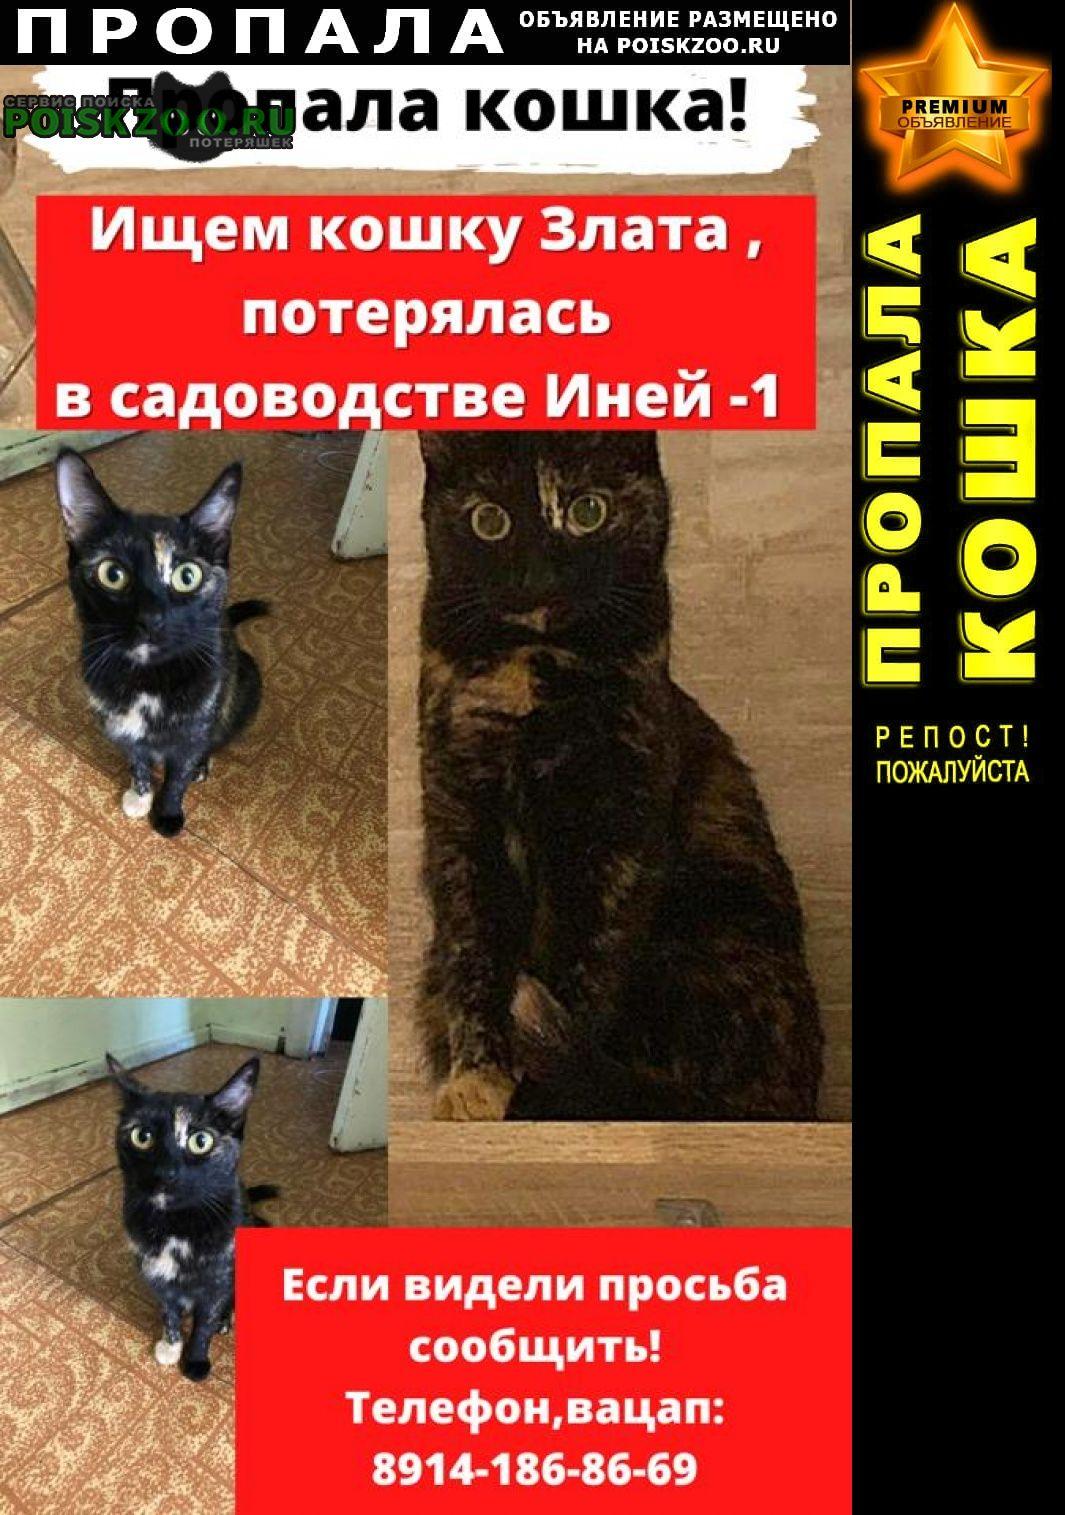 Пропала кошка в садоводстве иней1 г обь. Новосибирск